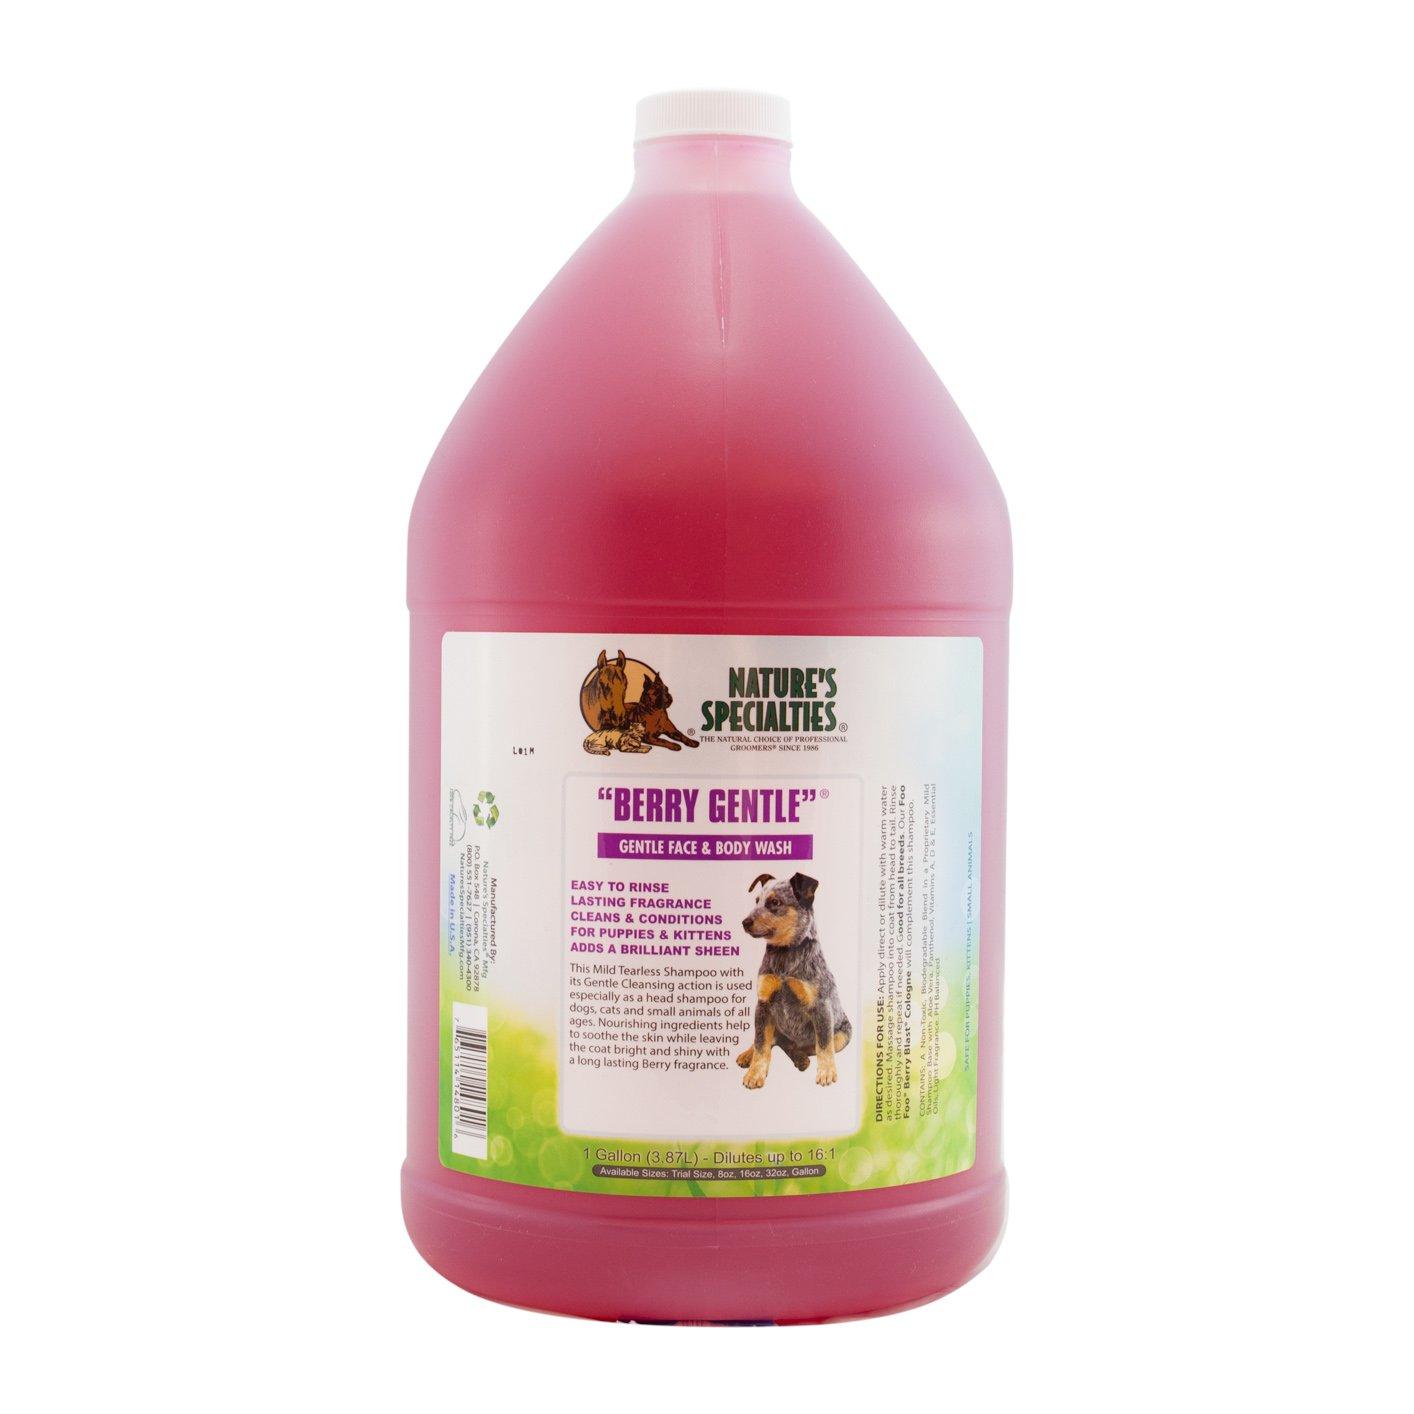 Nature's Specialties Berry Gentle Pet Shampoo by Nature's Specialties Mfg